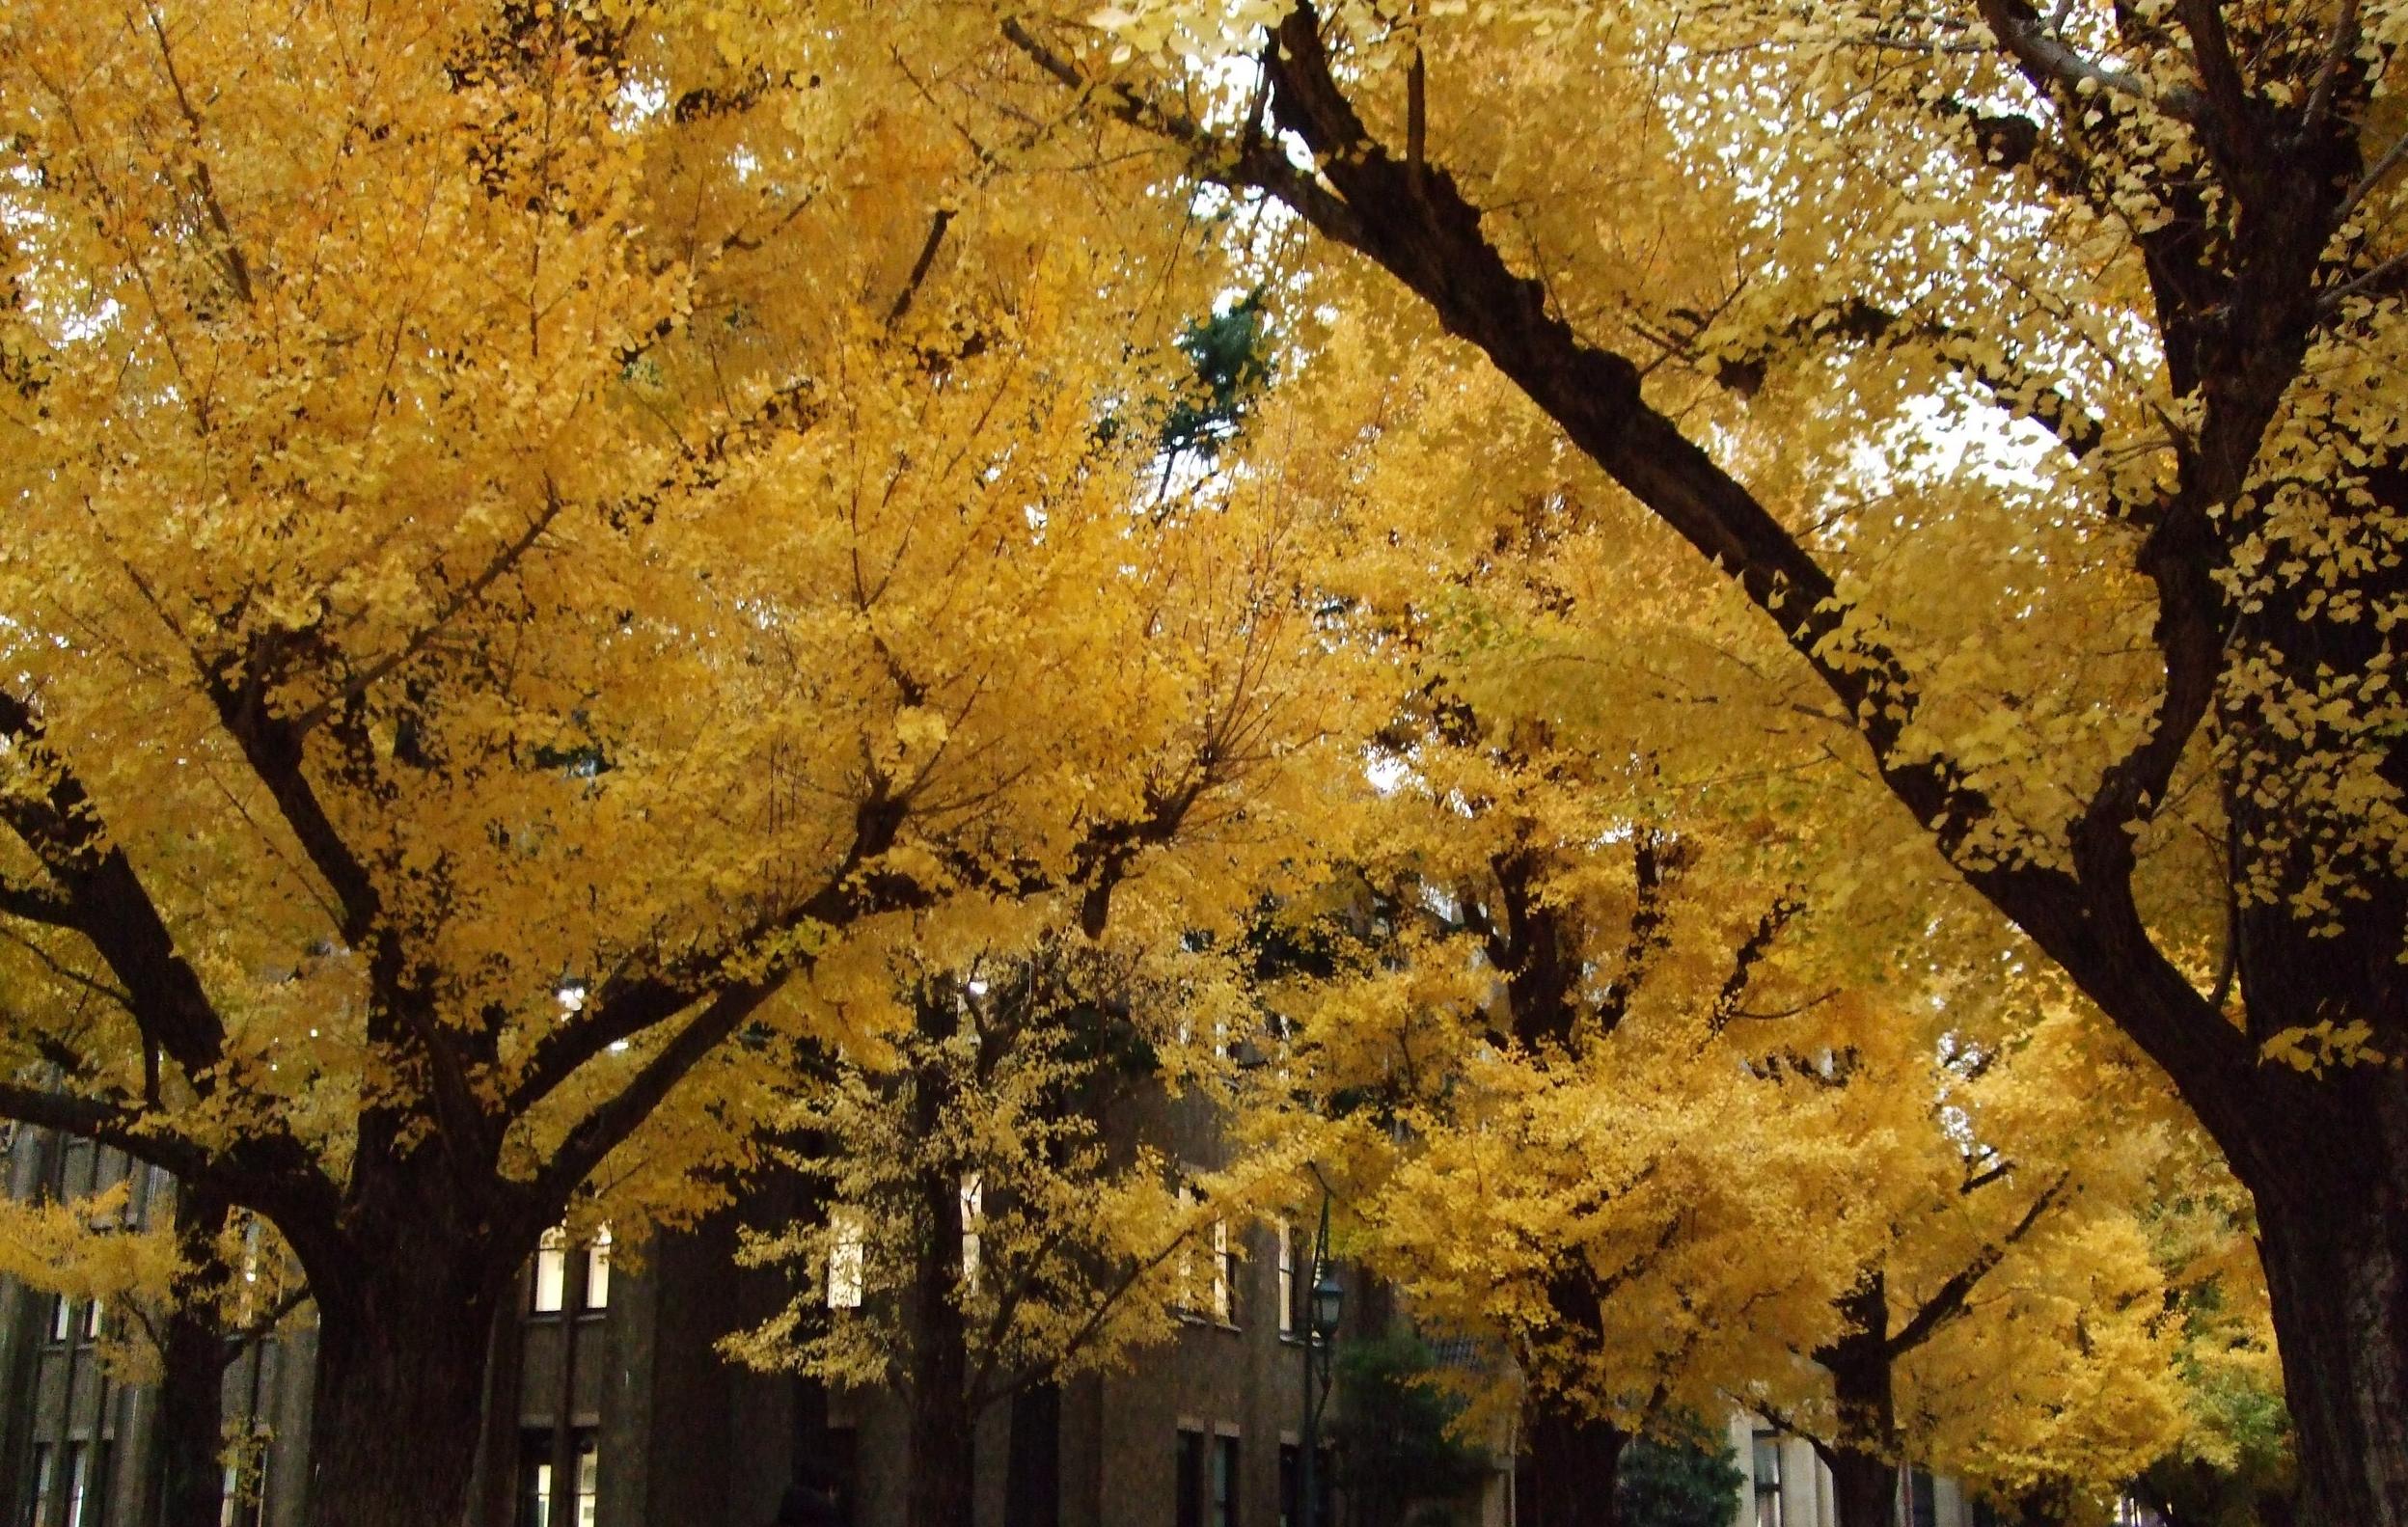 Gingko trees at U of Tokyo, November 2017